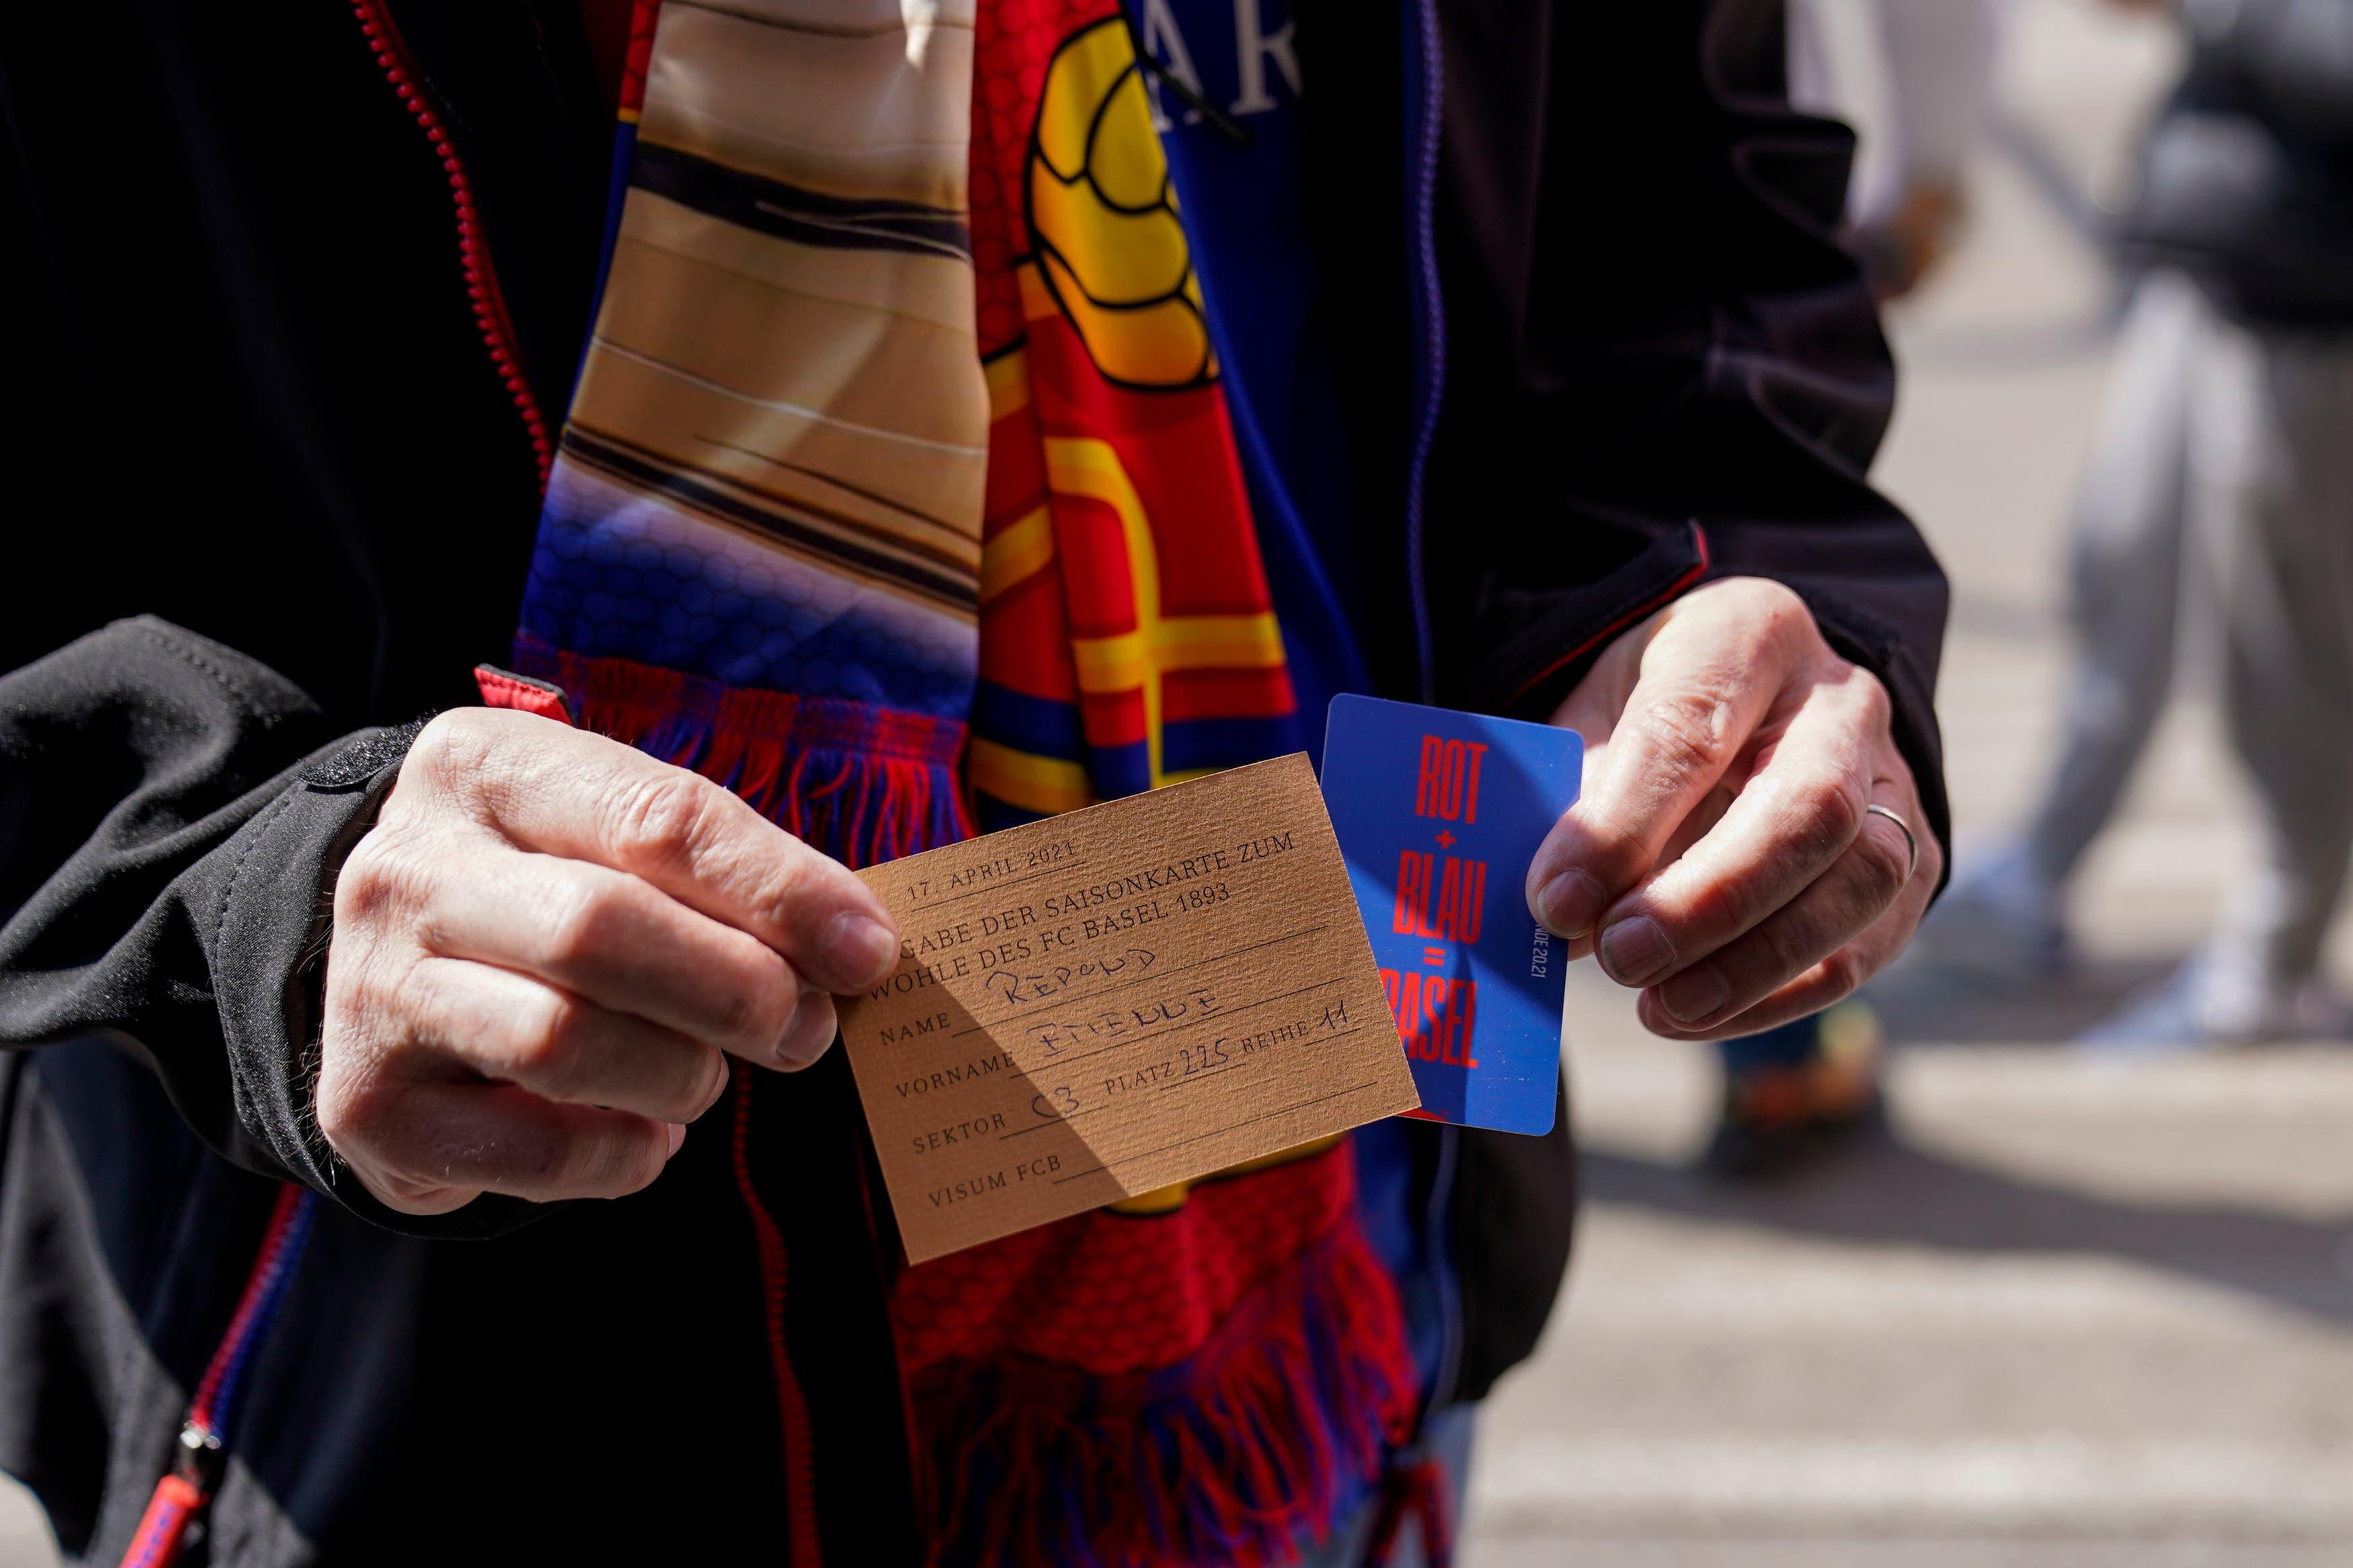 FC Basel-Fans geben aus Protest über die aktuelle Entwicklung beim Club ihre Halbjahreskarten zurück.